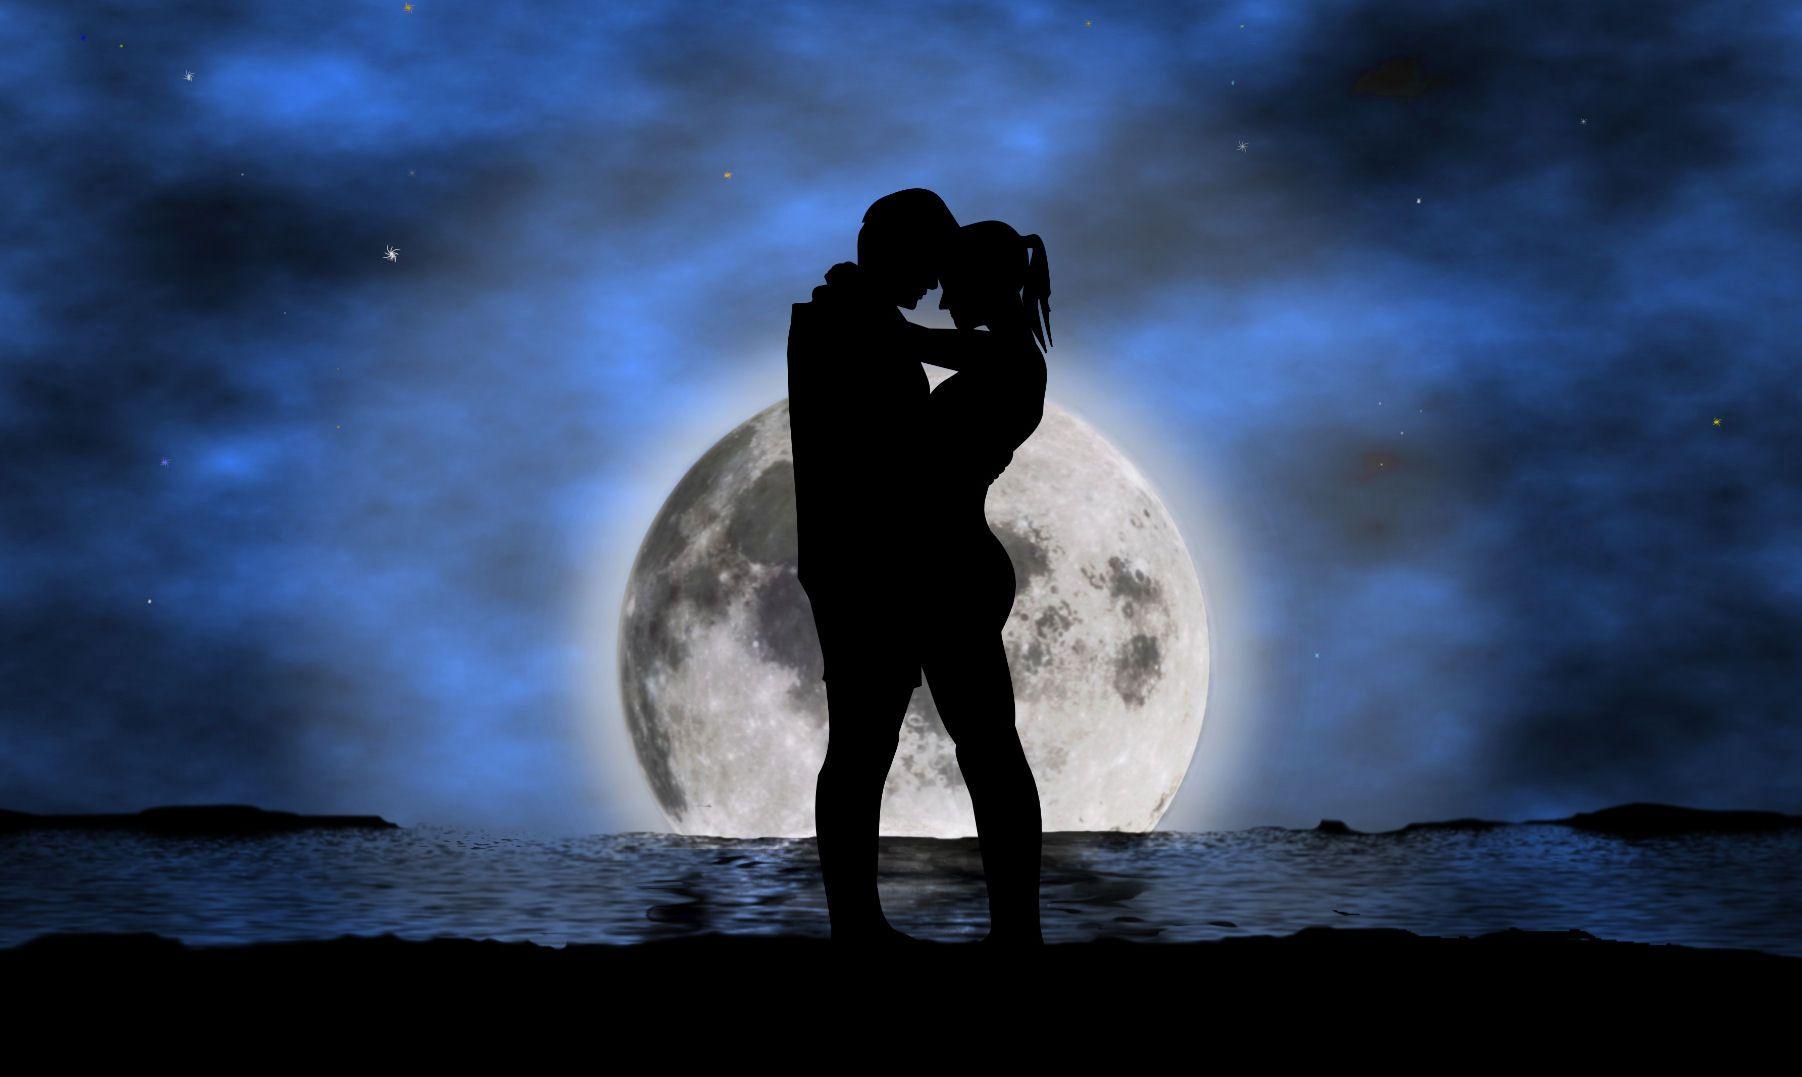 Луна ночь девушка